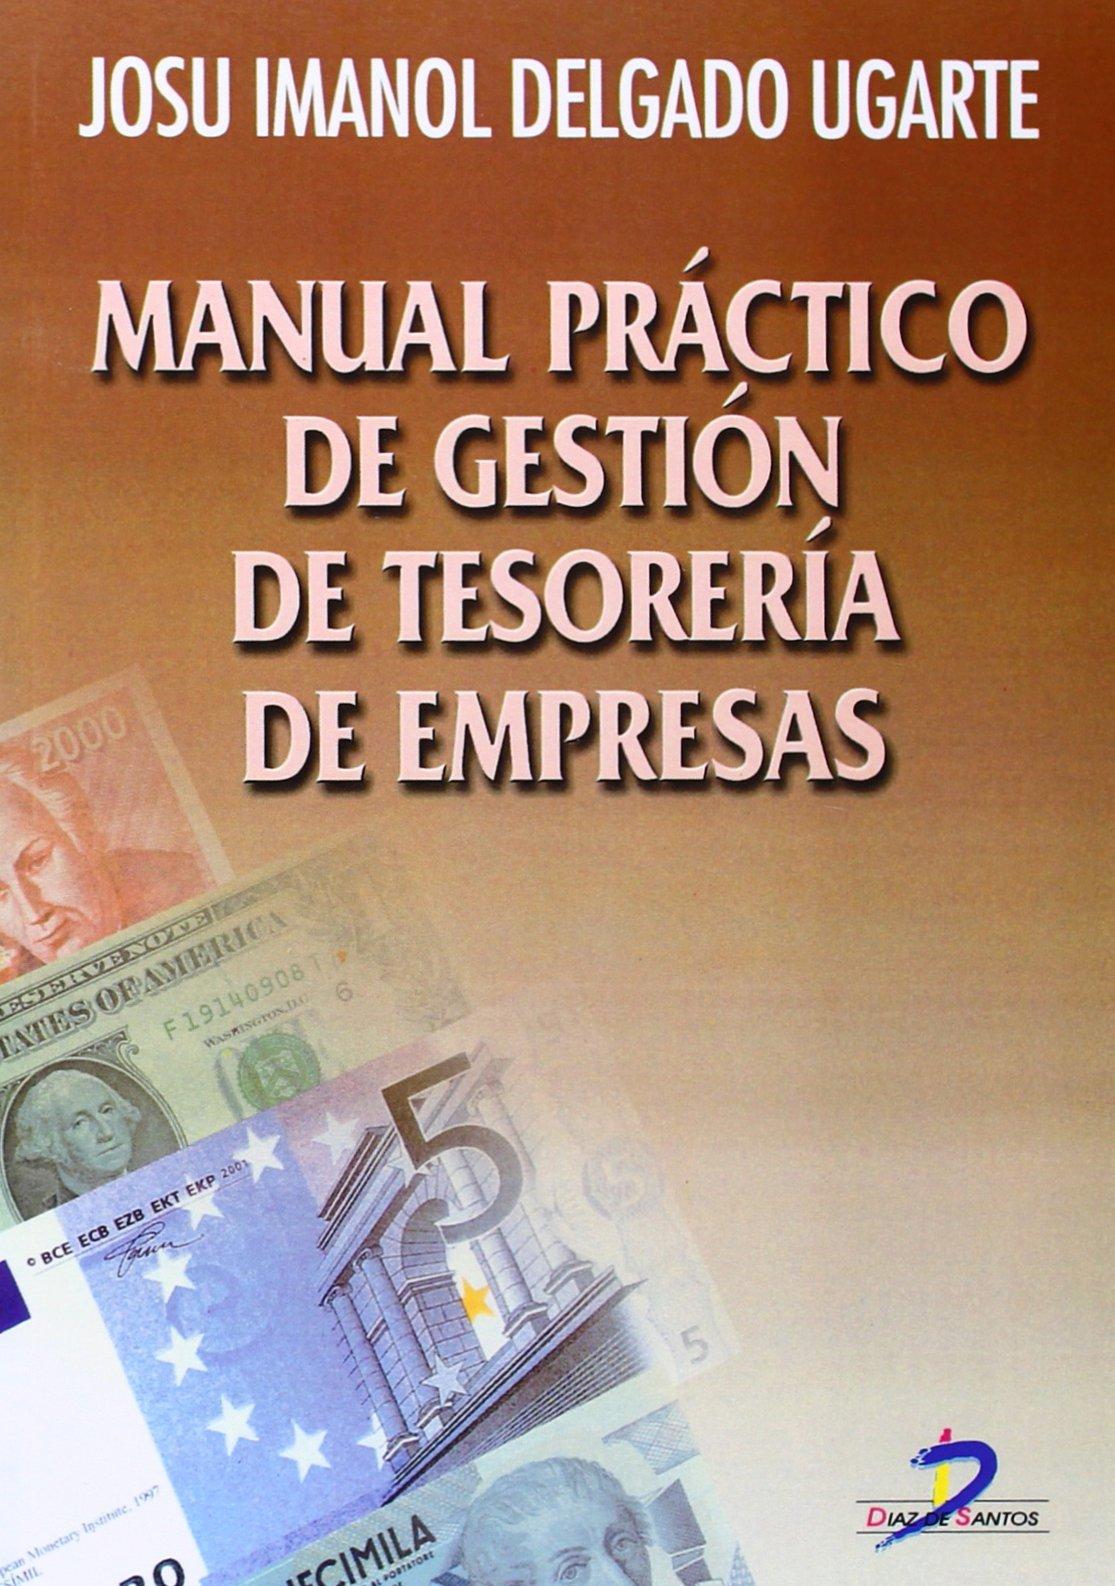 Manual Practico de Gestion de Tesoreria de Empresas (Spanish Edition) ebook